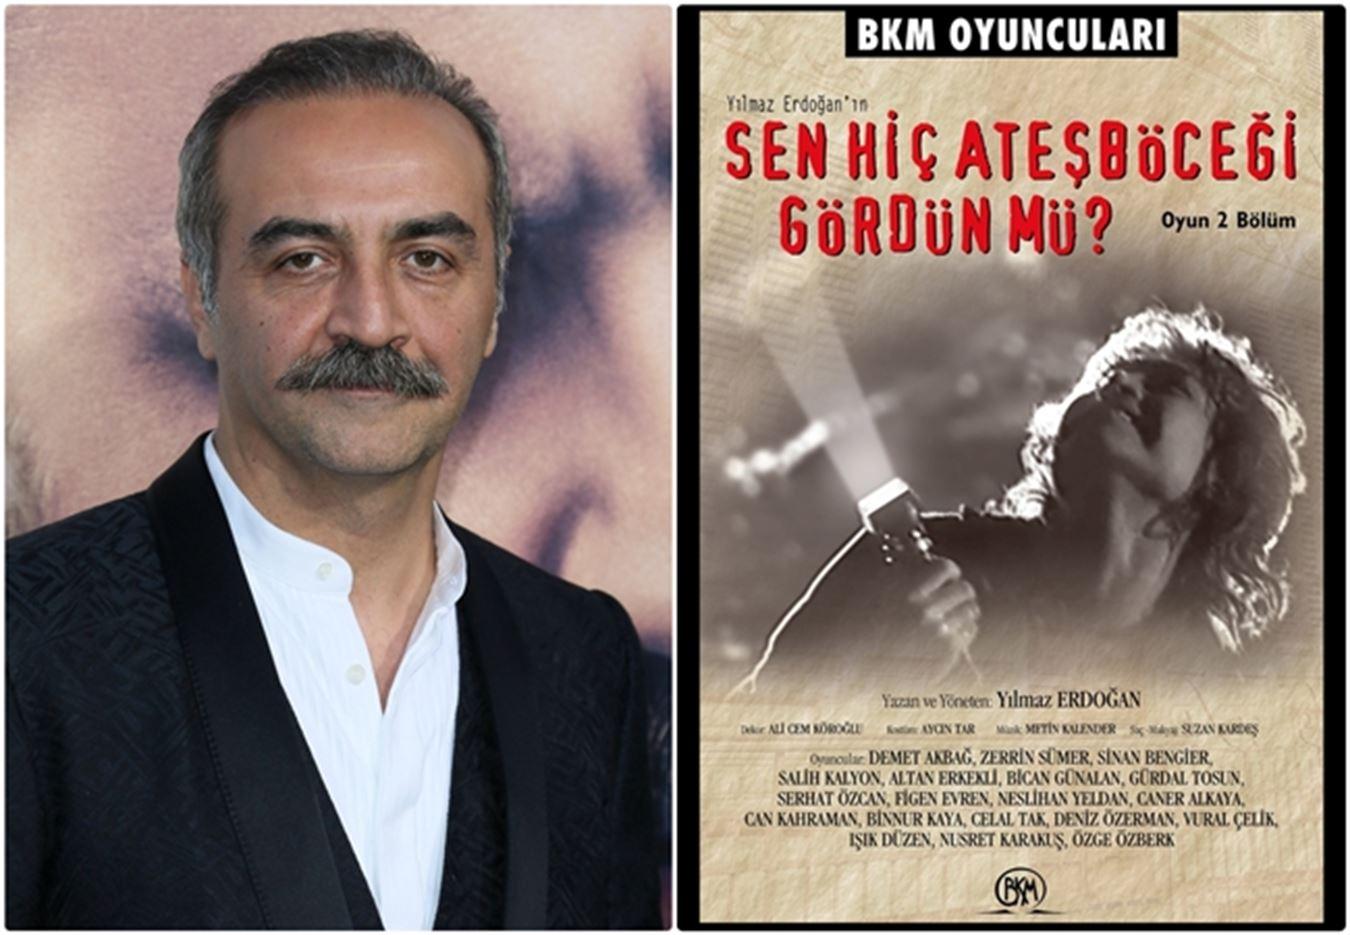 Yılmaz Erdoğan'ın ödüllü oyunu 'Sen Hiç Ateş Böceği Gördün mü?' Netflix'te